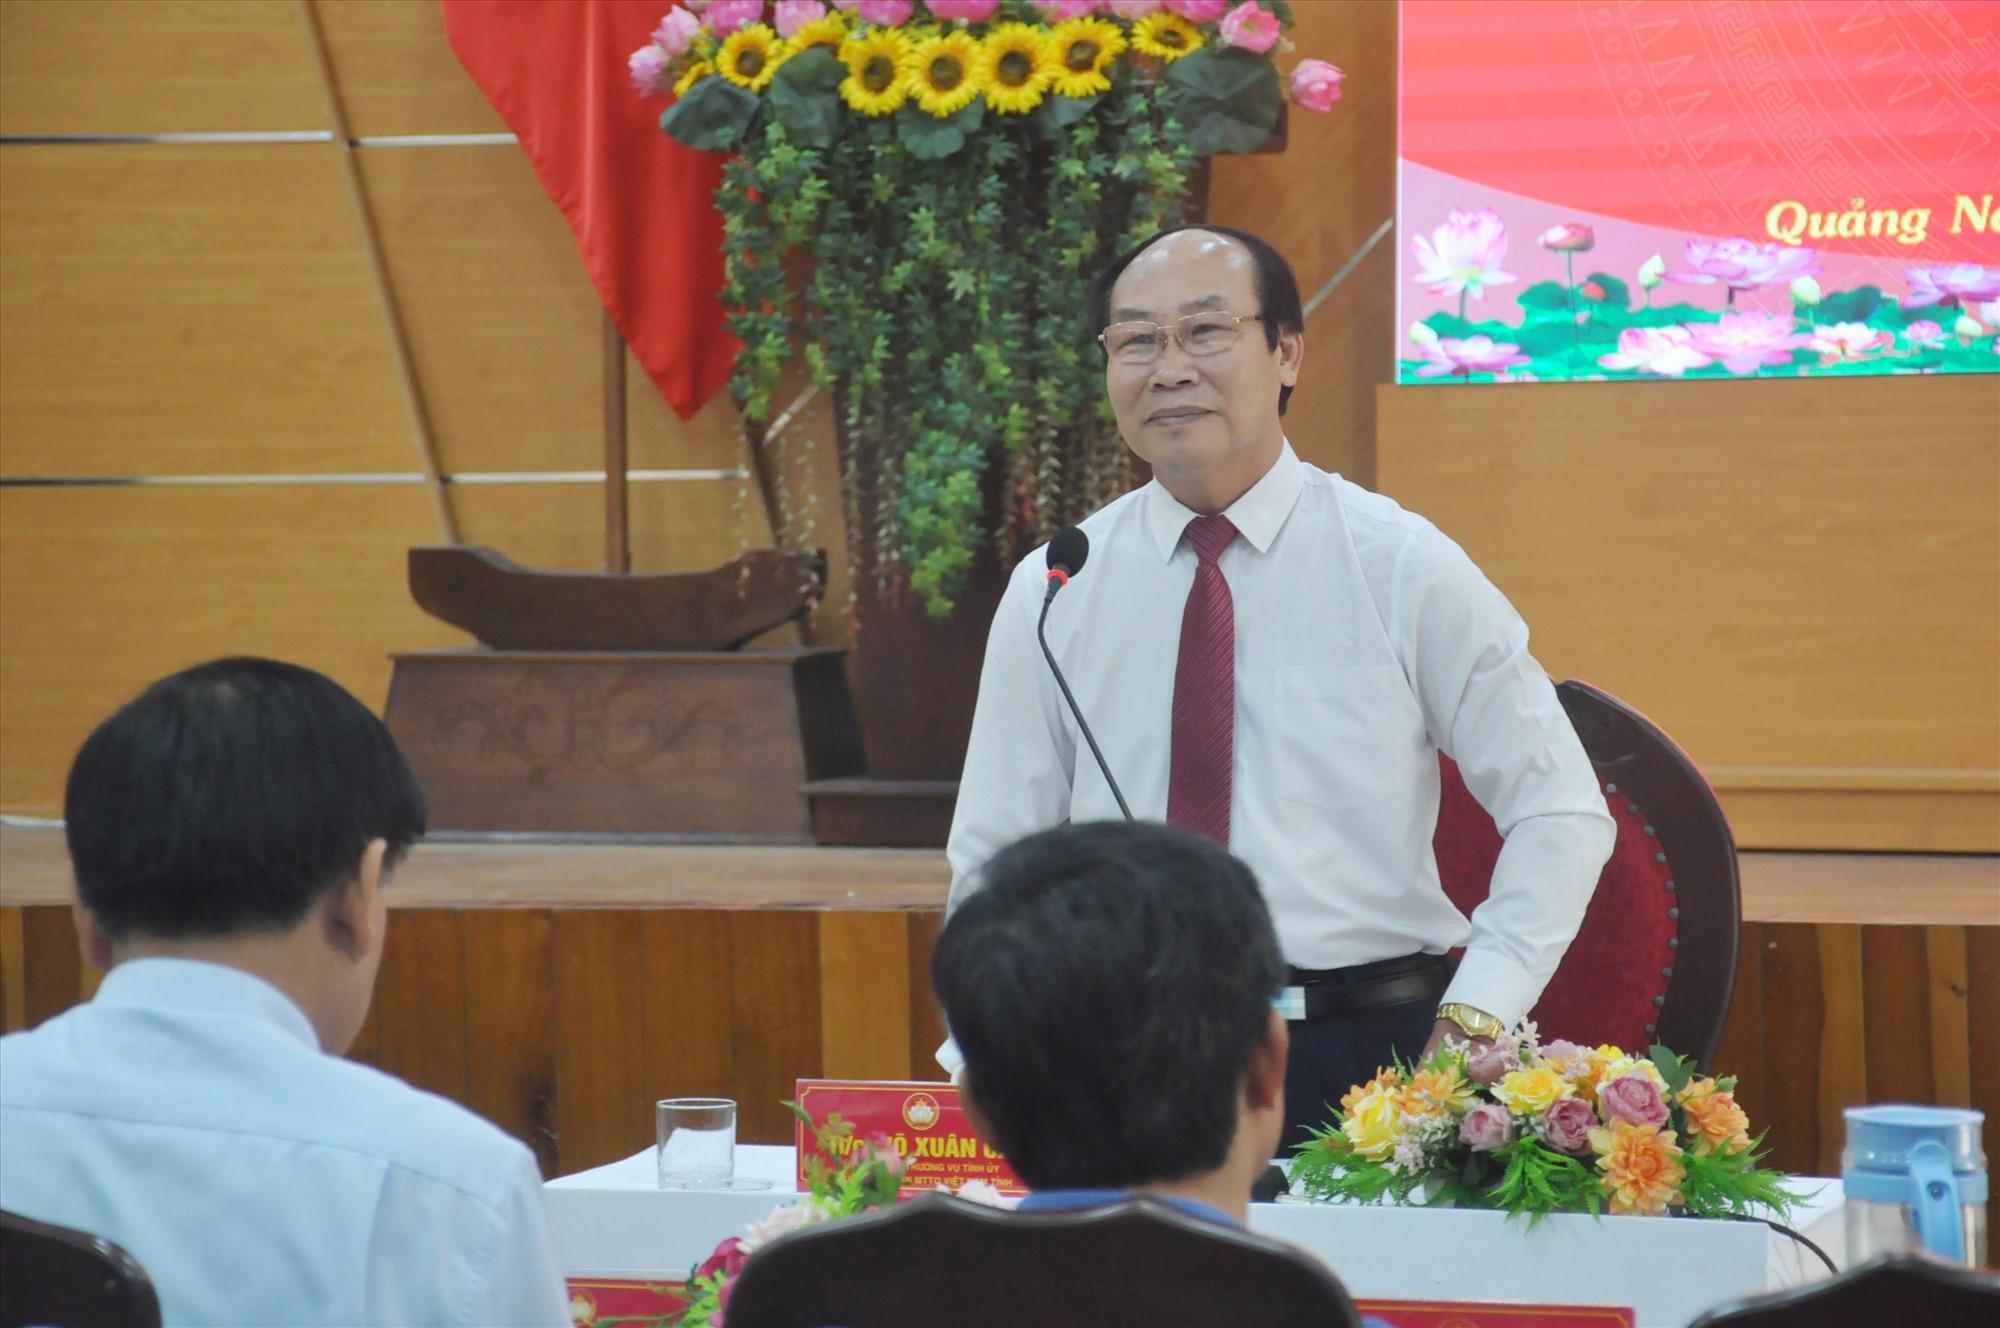 Chủ tịch Ủy ban MTTQ Việt Nam Võ Xuân Ca - Phó Chủ tịch UBBC tỉnh giải đáp các vấn đề được Ban Thường trực Ủy ban MTTQ Việt Nam xã nêu ra tại hội nghị tập huấn. Ảnh: N.Đ